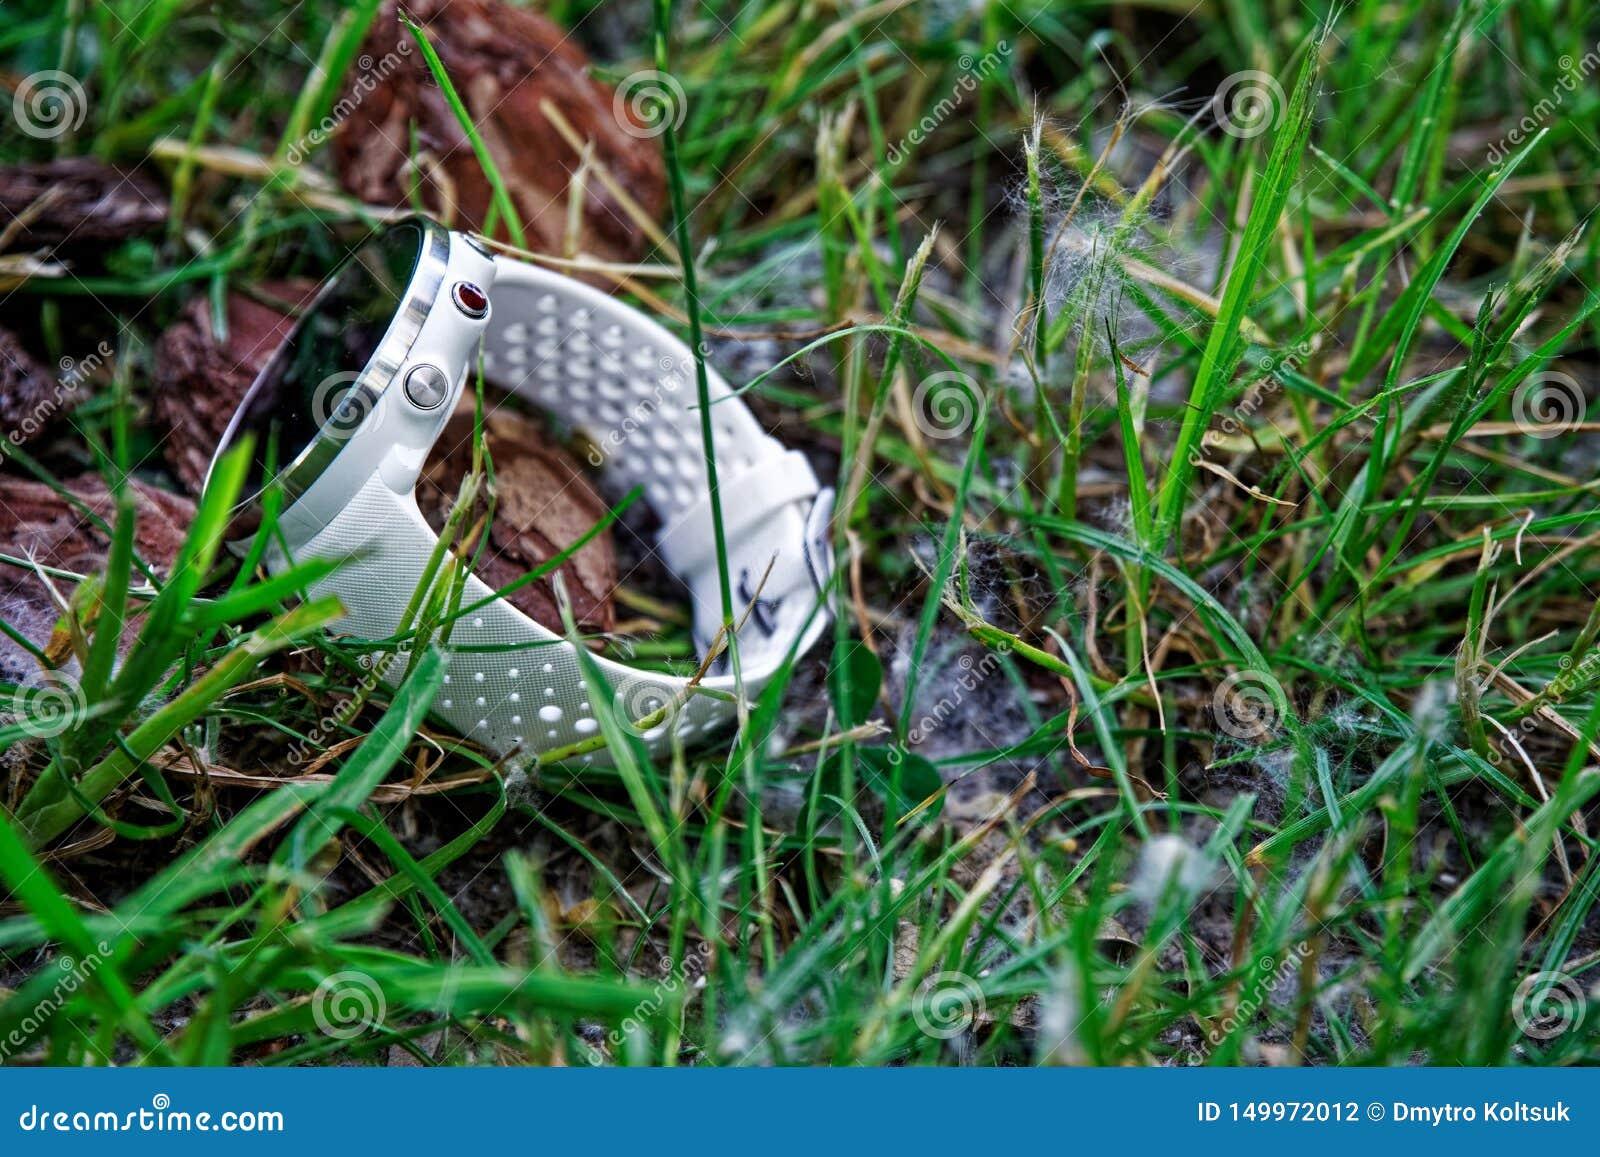 体育注意在地面上的连续白色在草 健身注意跟踪的每日活动和力量训练